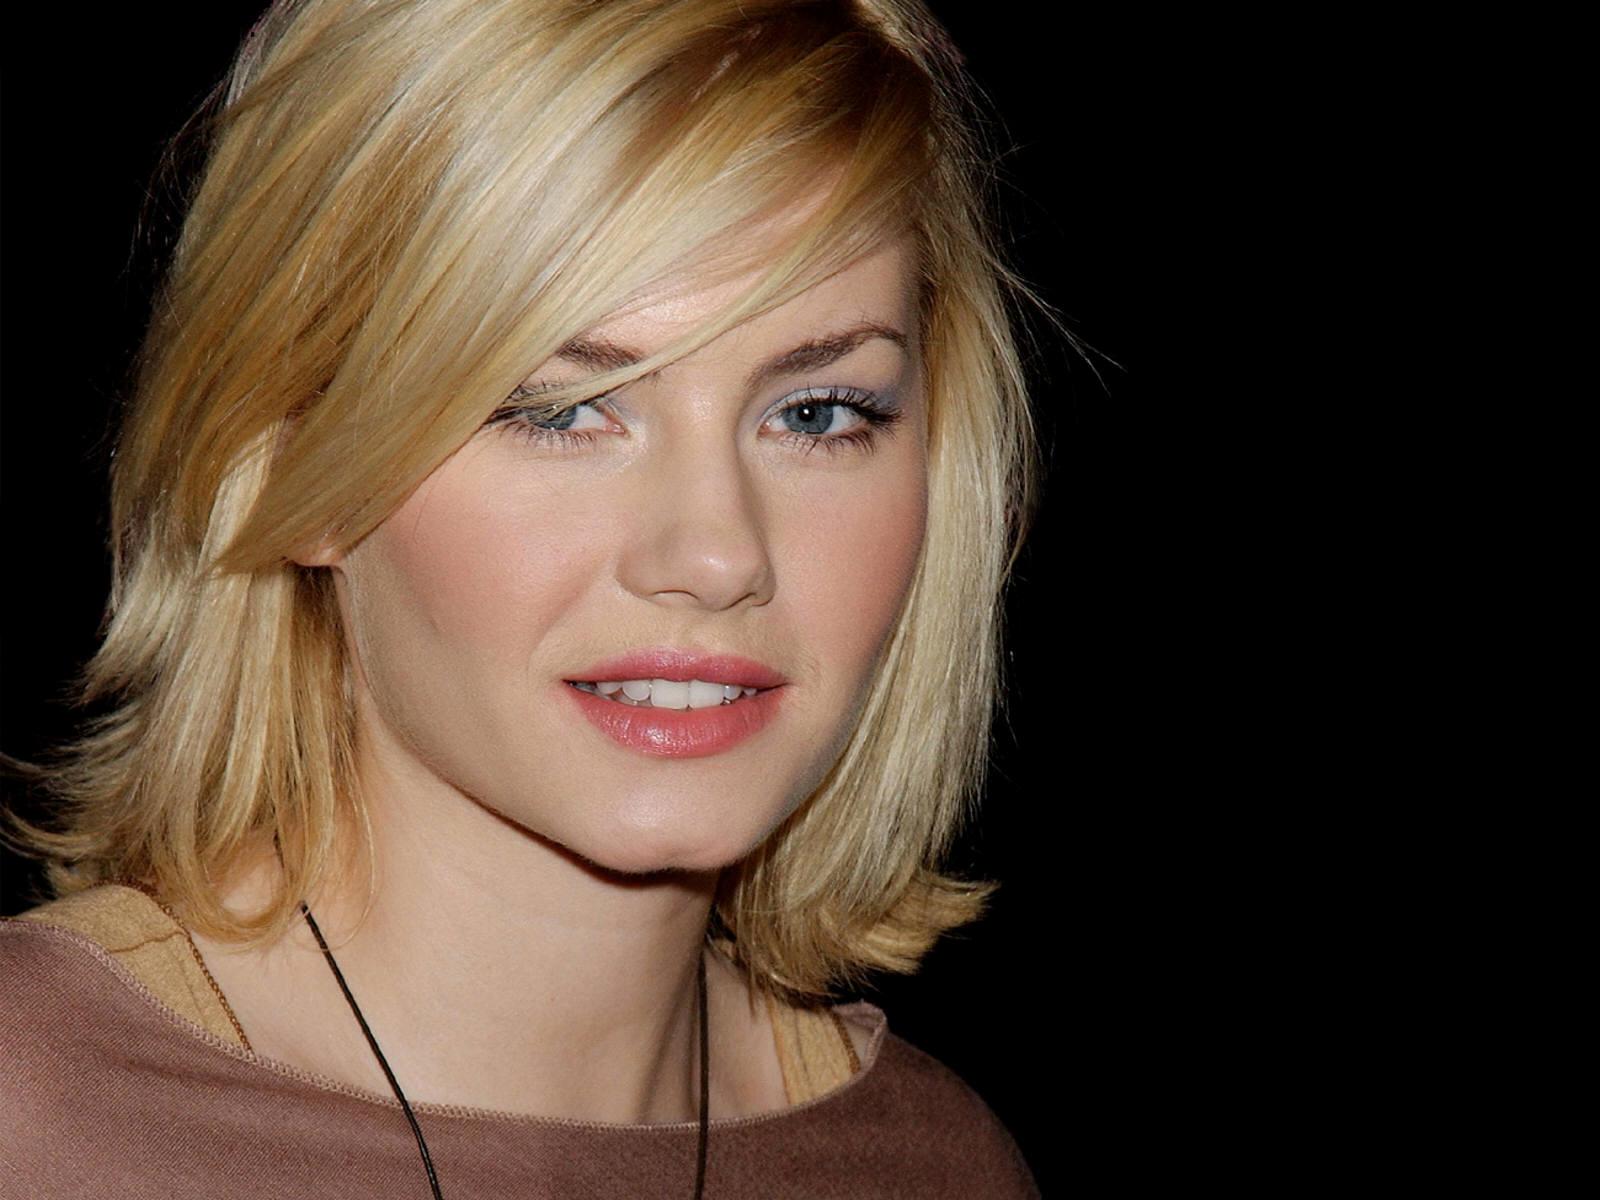 http://1.bp.blogspot.com/_8_CLn-I1Tfc/TSHlX_SupeI/AAAAAAAAARo/KWq7ZCgK1MQ/s1600/sexy+lips.jpg